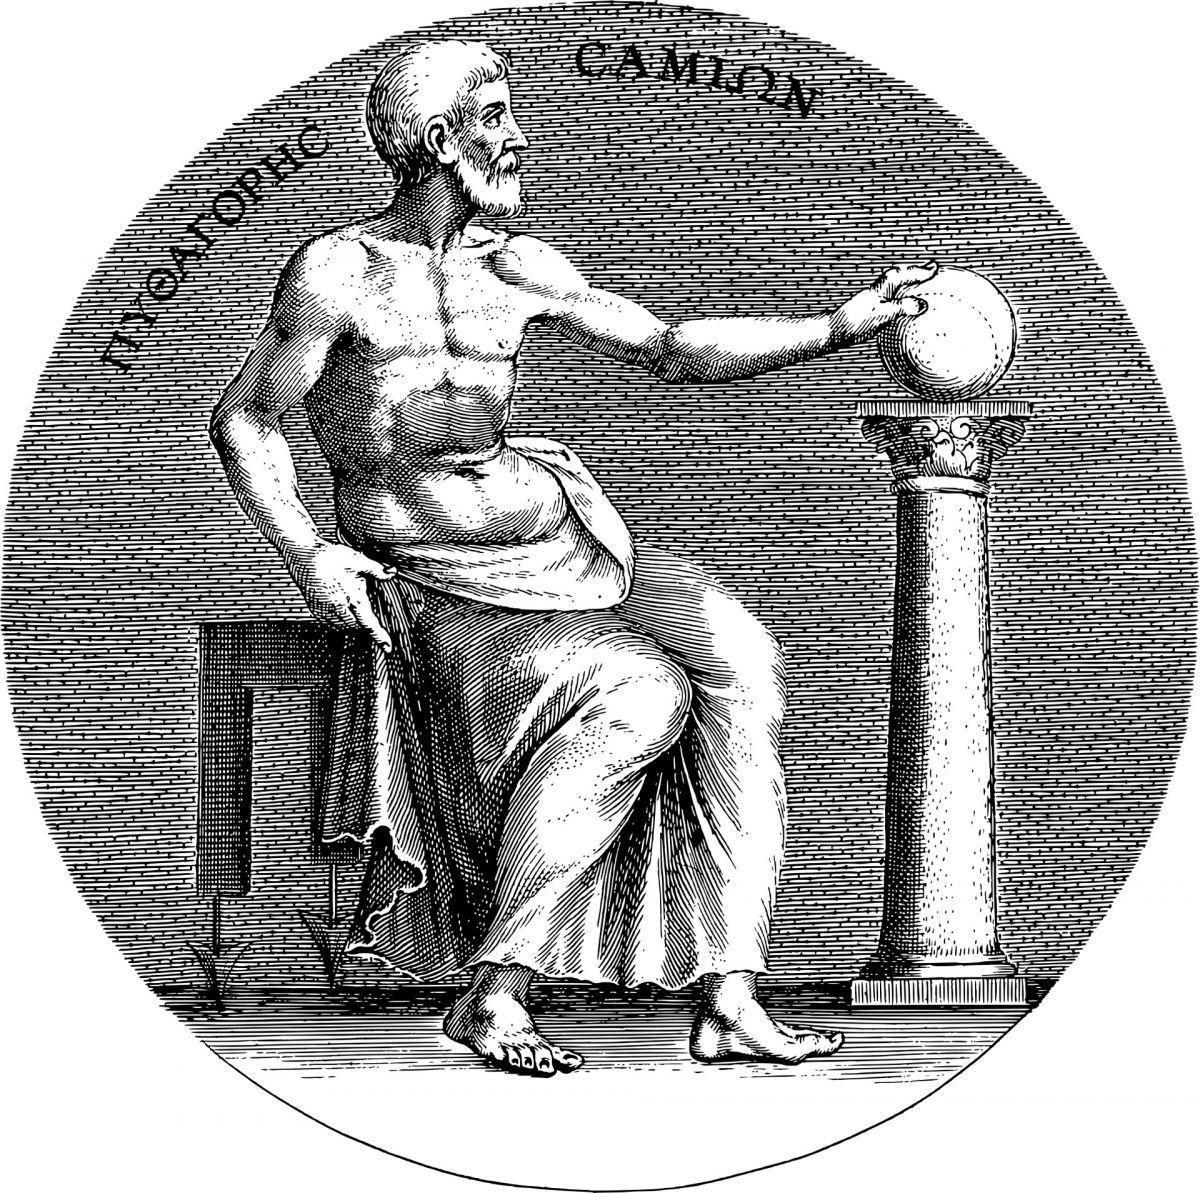 Κοντά στον Θαλή ο Πυθαγόρας έμαθε μαθηματικά, γεωμετρία κι όσα έχουνε σχέση με τους αριθμούς και τους υπολογισμούς.